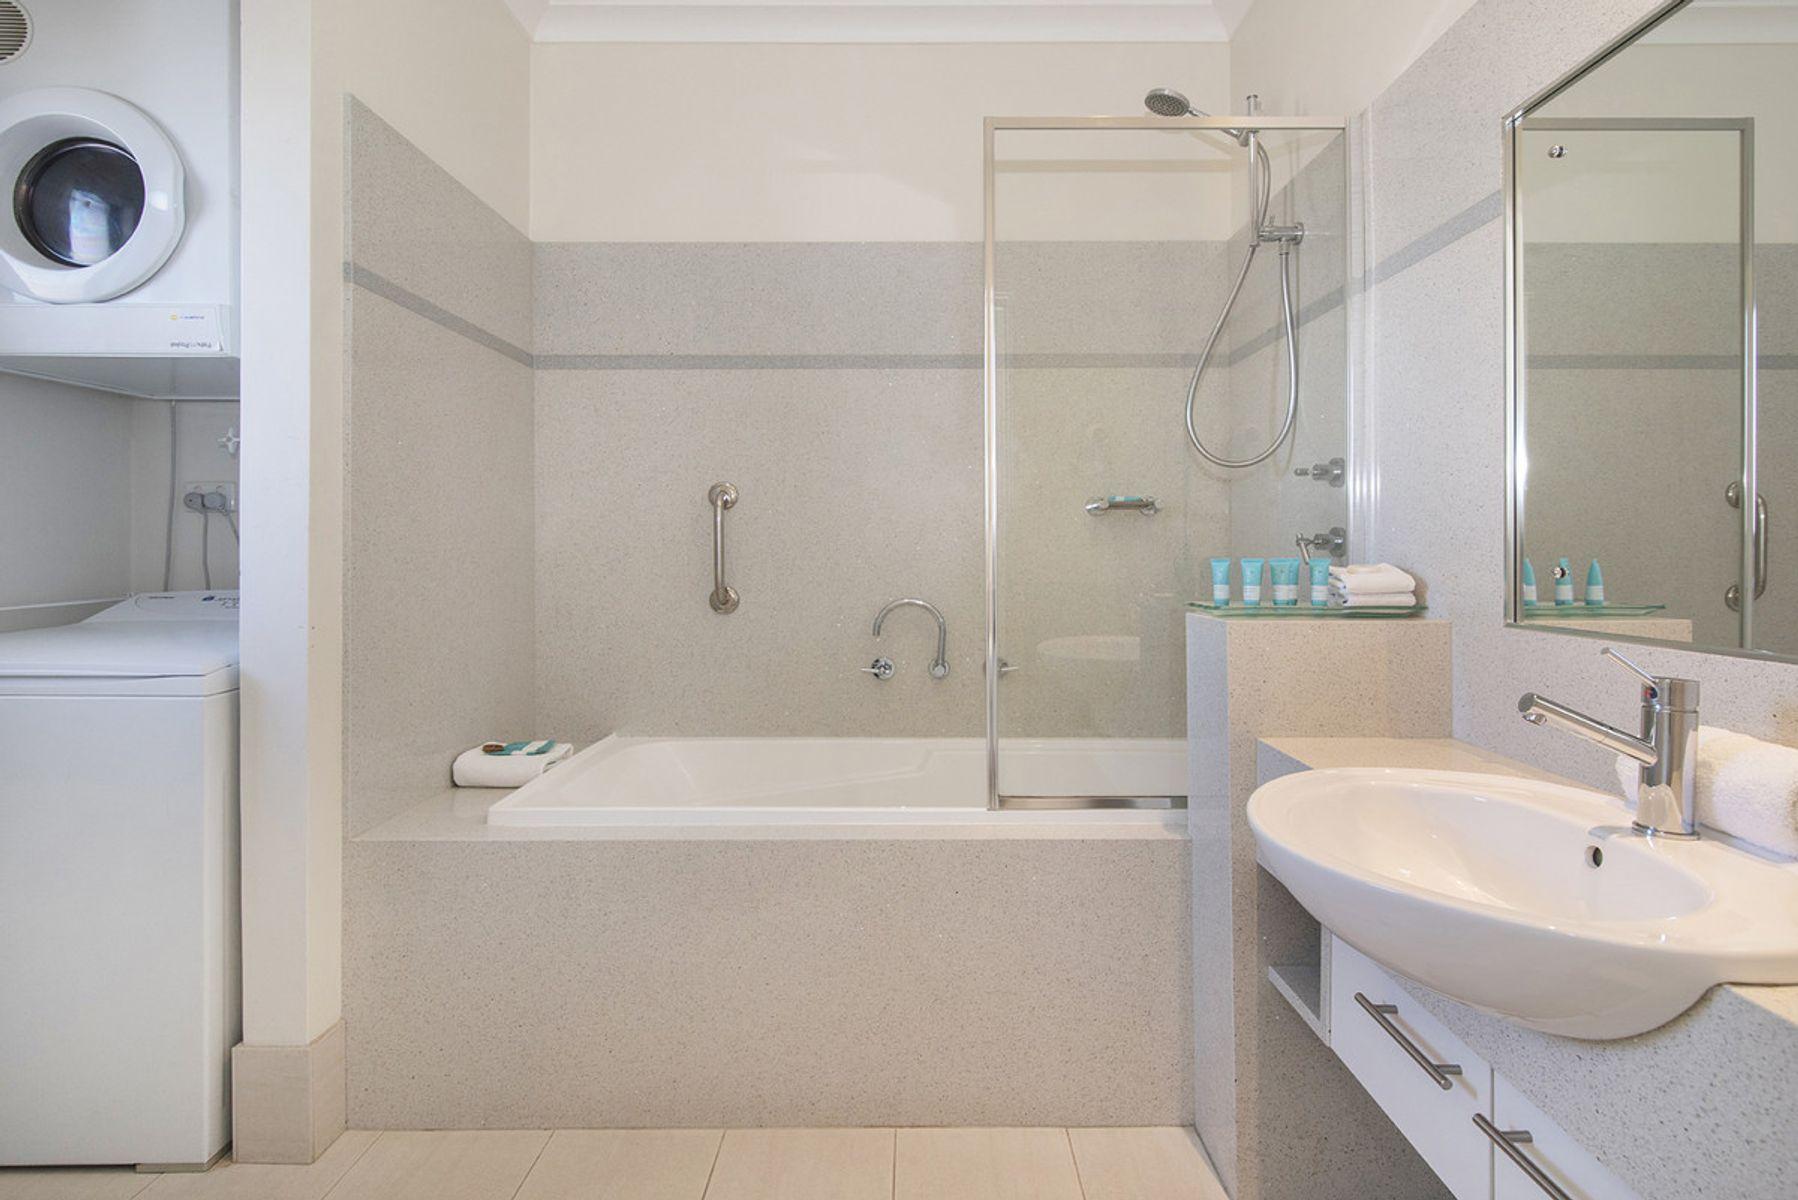 128/1 Resort Place, Gnarabup, WA 6285